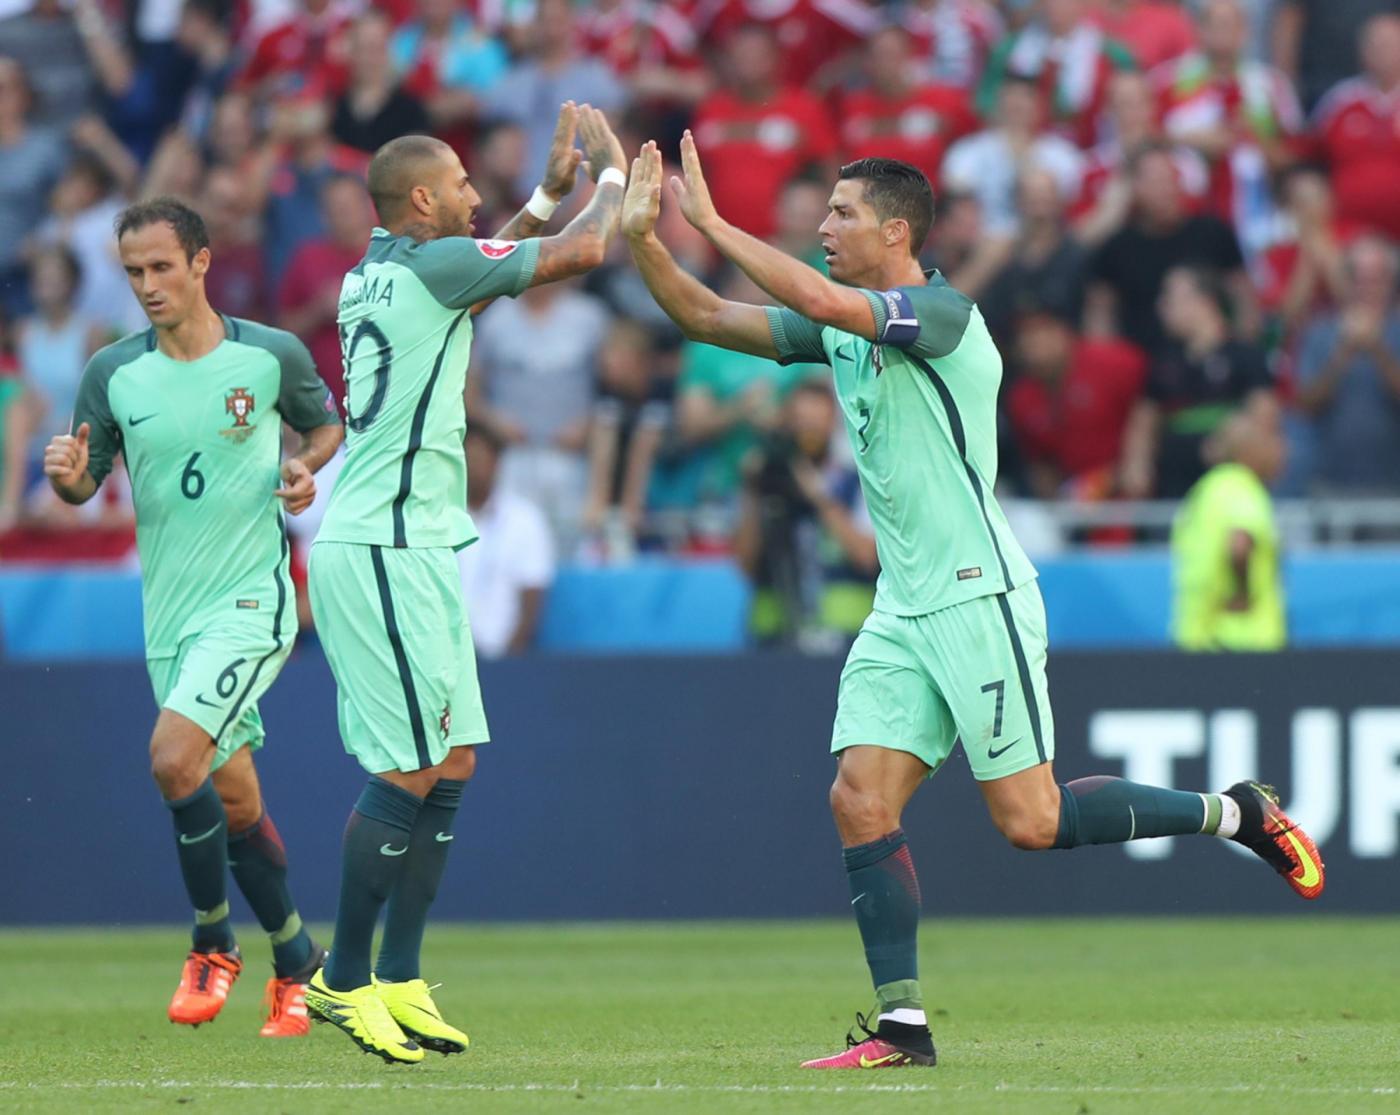 Ungheria-Portogallo-qualificazioni-mondiali-europa-russia-2018-analisi-pronostico